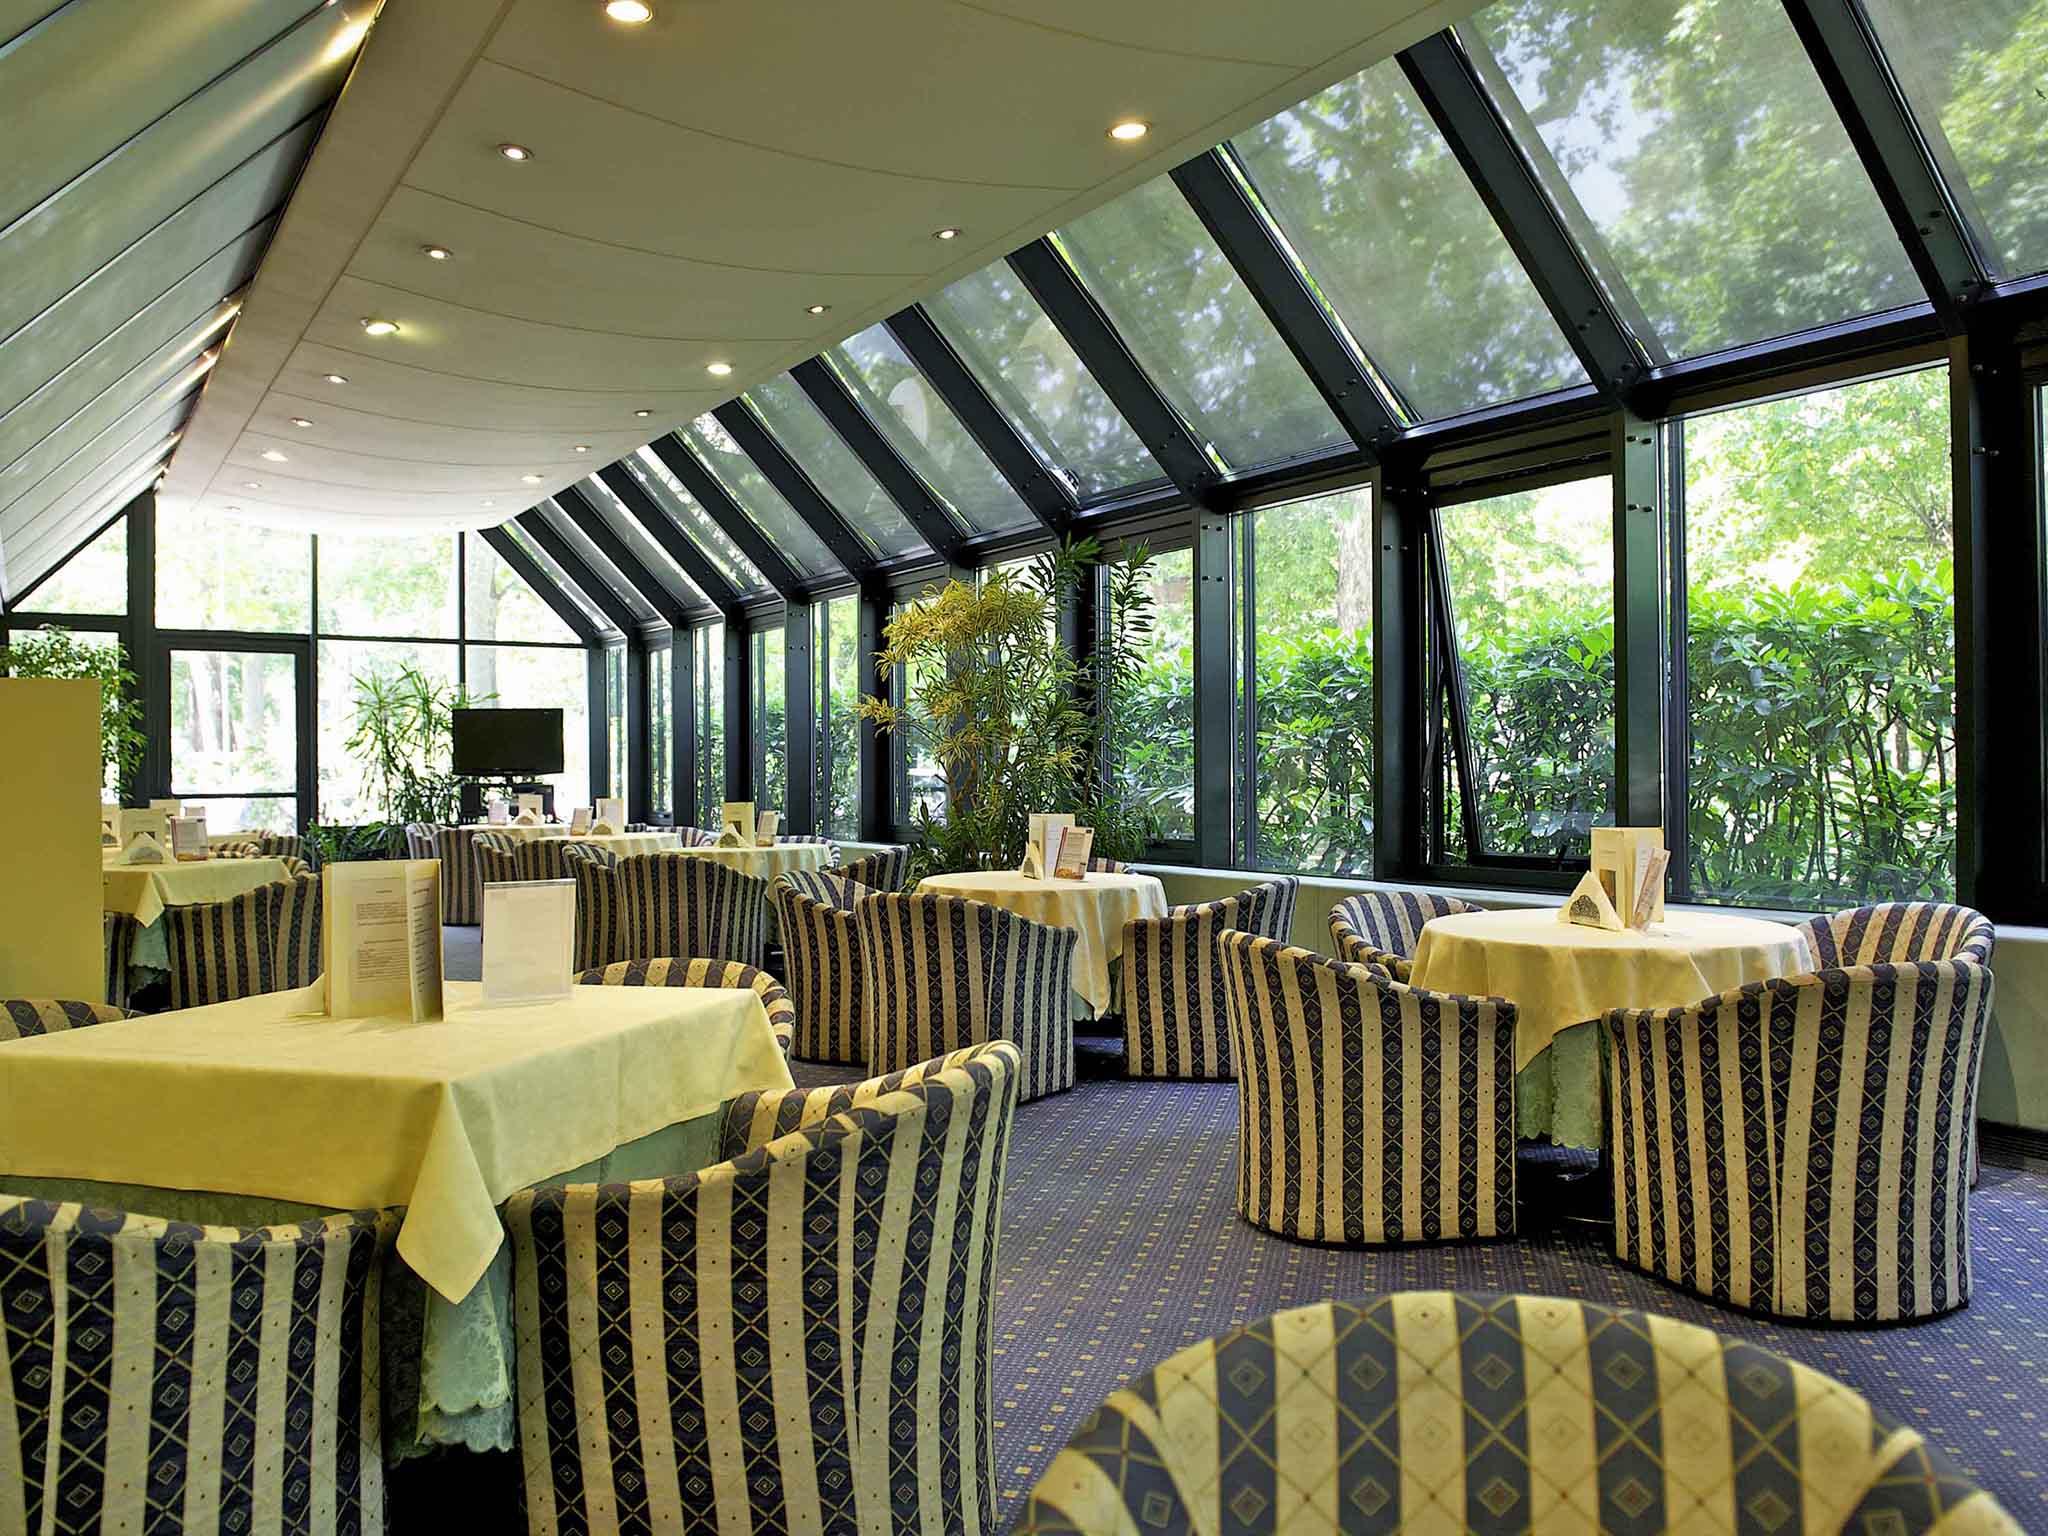 Hotel en REGGIO EMILIA - Mercure Reggio Emilia Centro Astoria